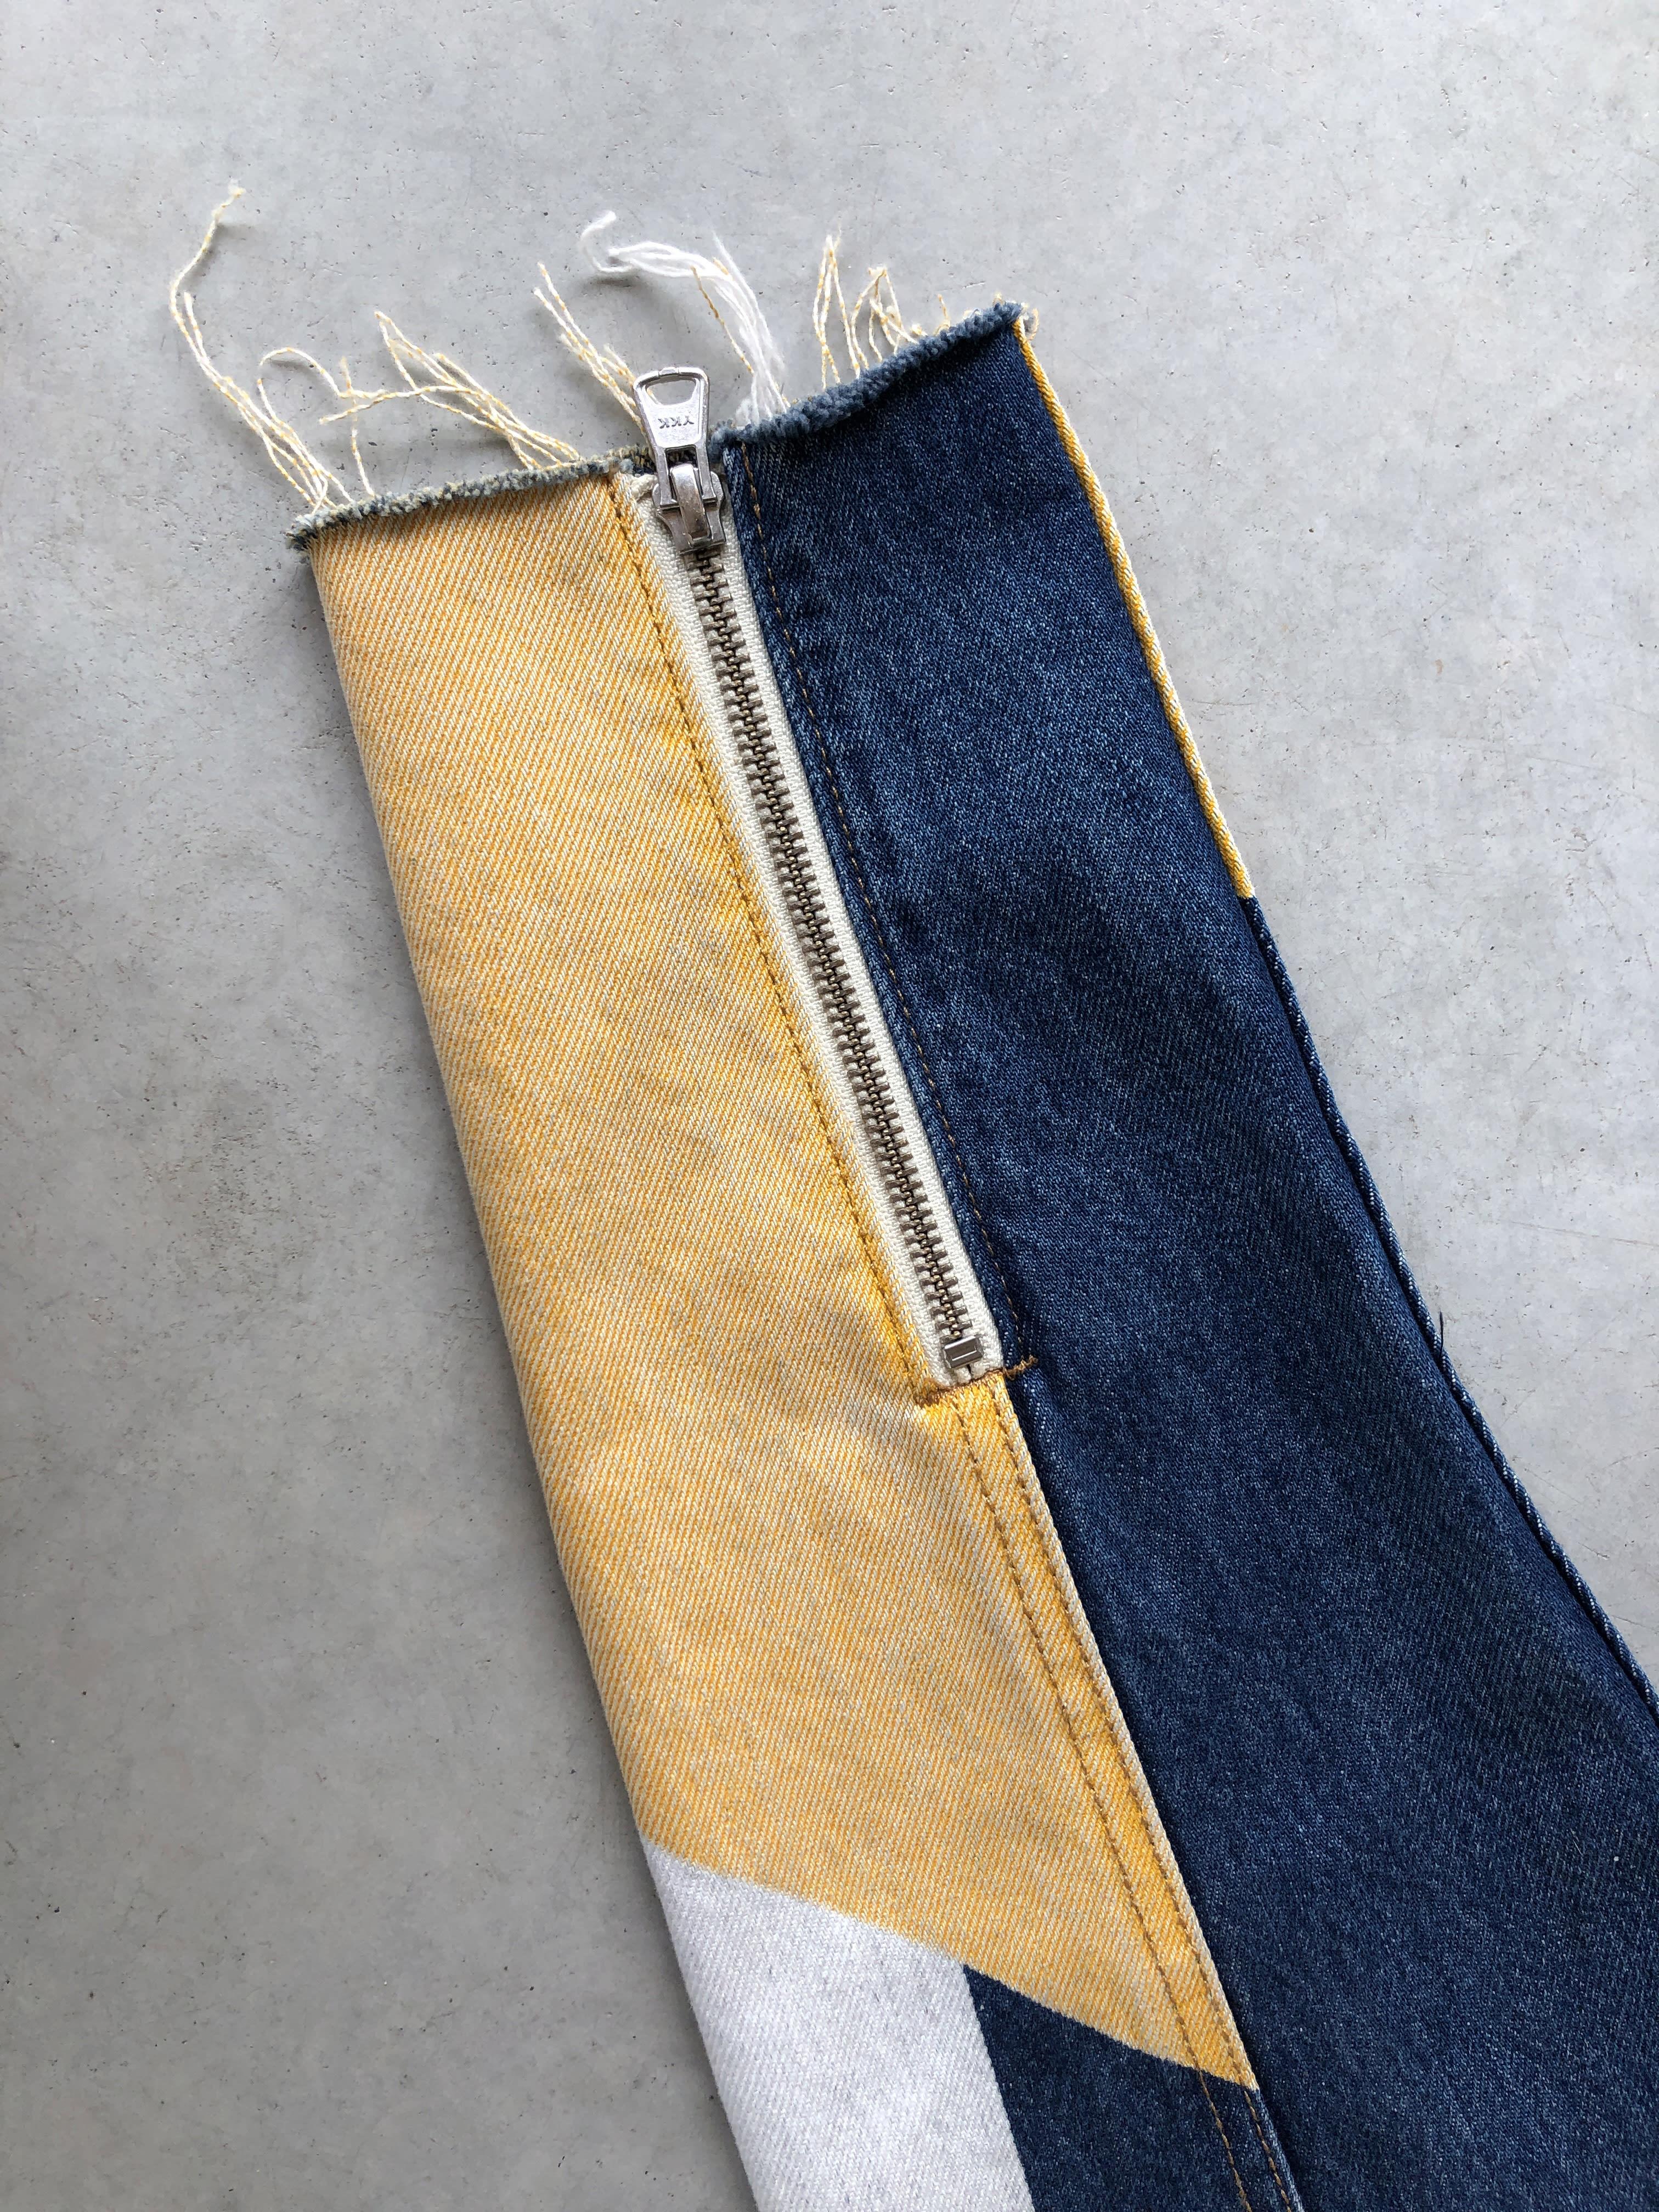 Packshot du produit Veste Courte Levi's Colorblock de la catégorie Vestes & Manteaux